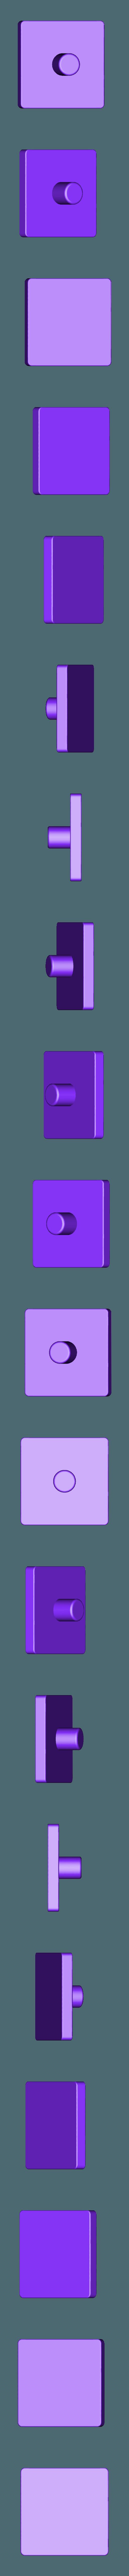 cute little square.stl Télécharger fichier STL gratuit kid puzzle  • Modèle imprimable en 3D, abyss_57